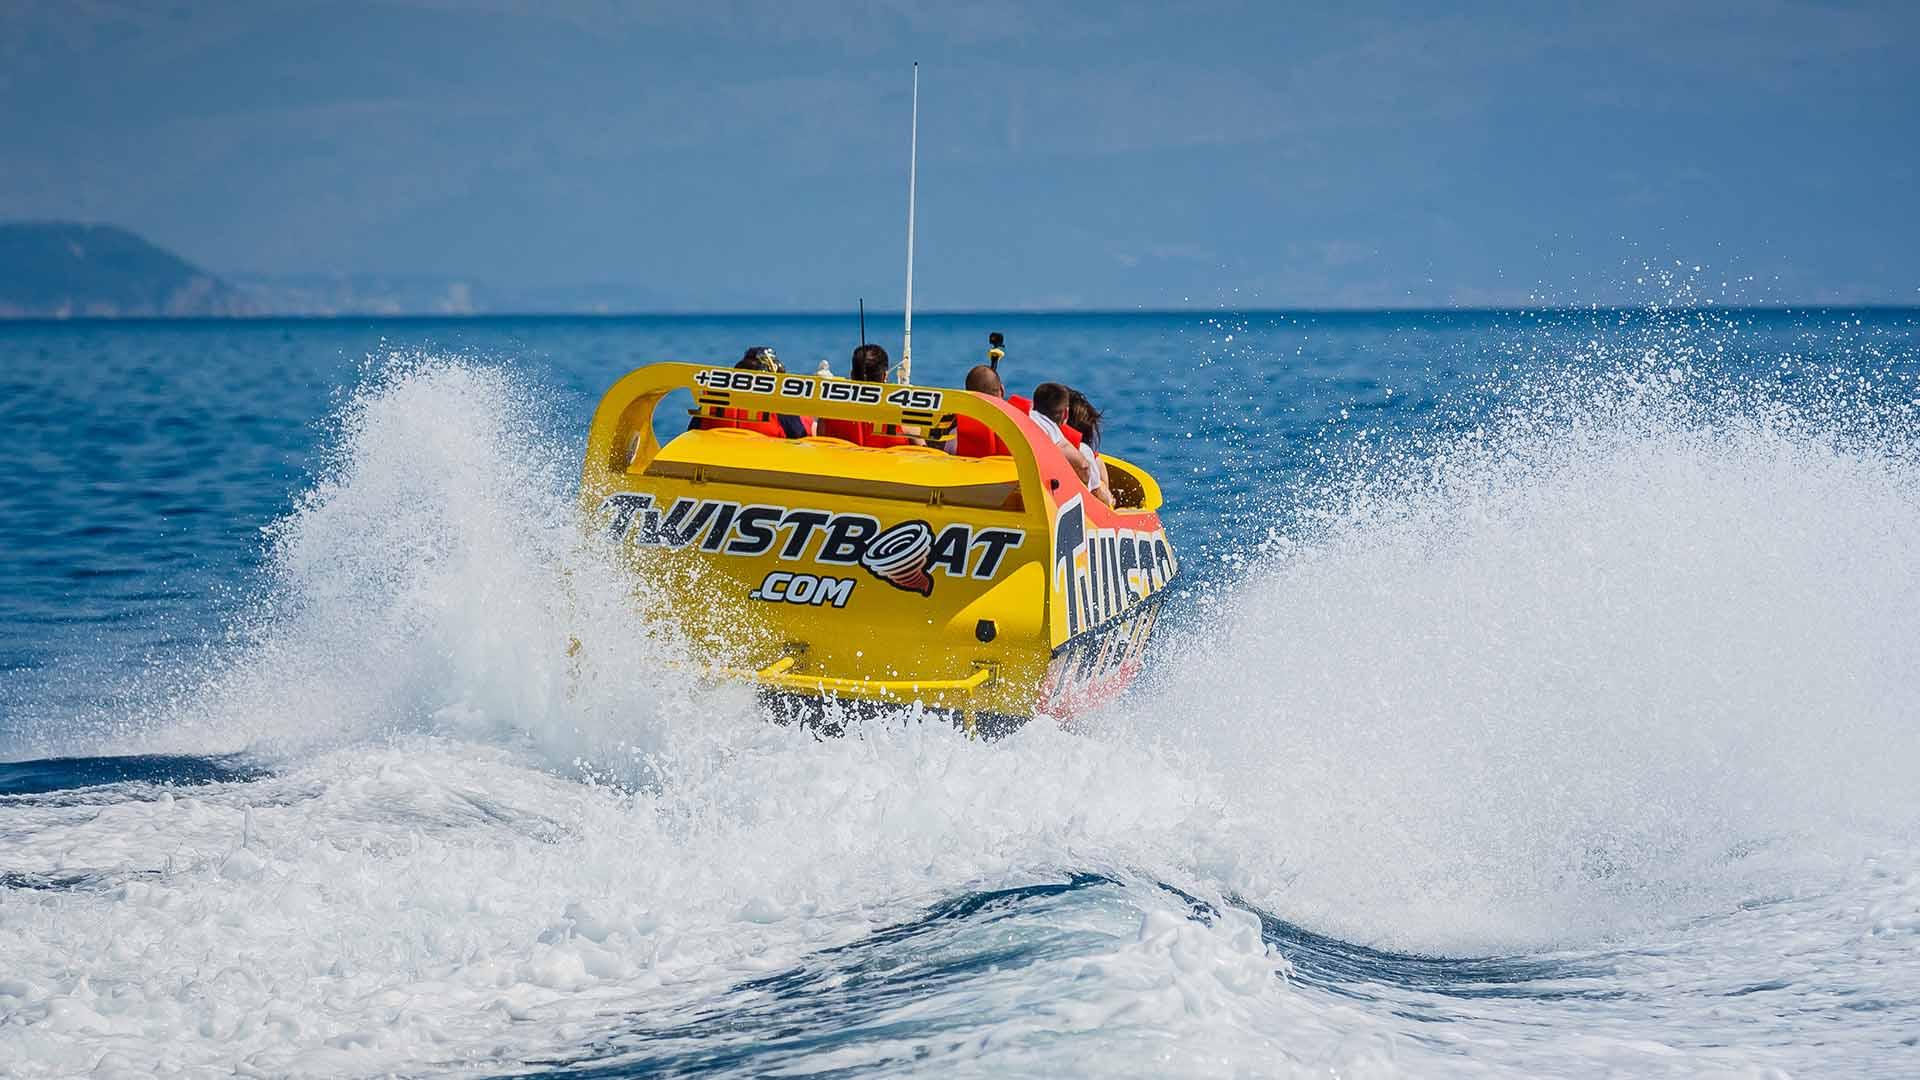 Twistboat 4